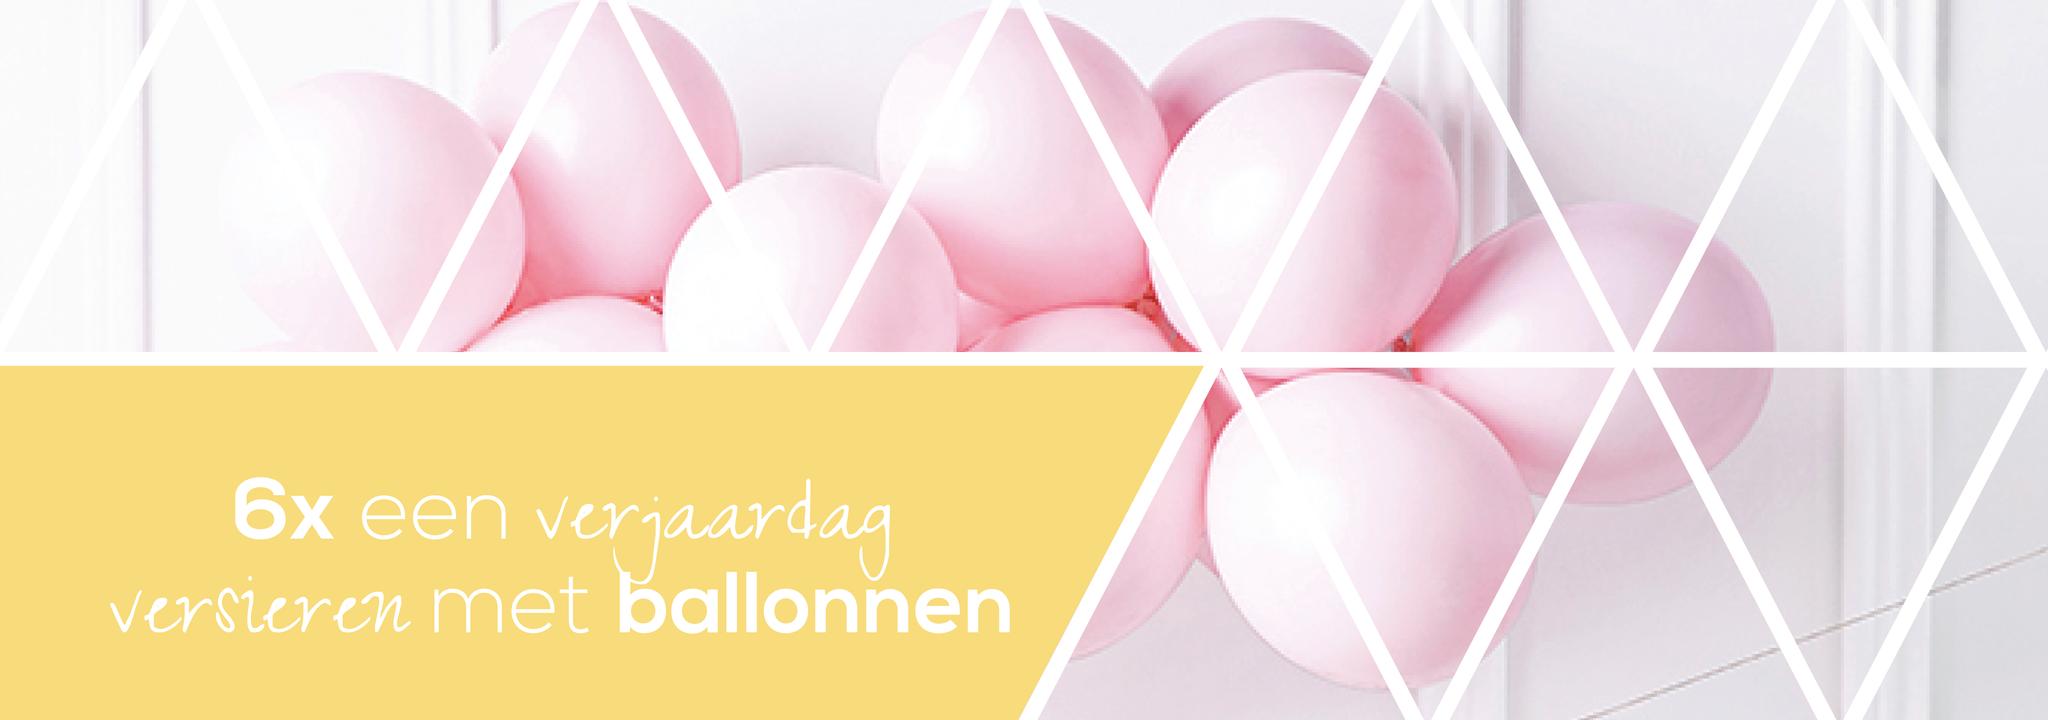 6x een verjaardag versieren met ballonnen